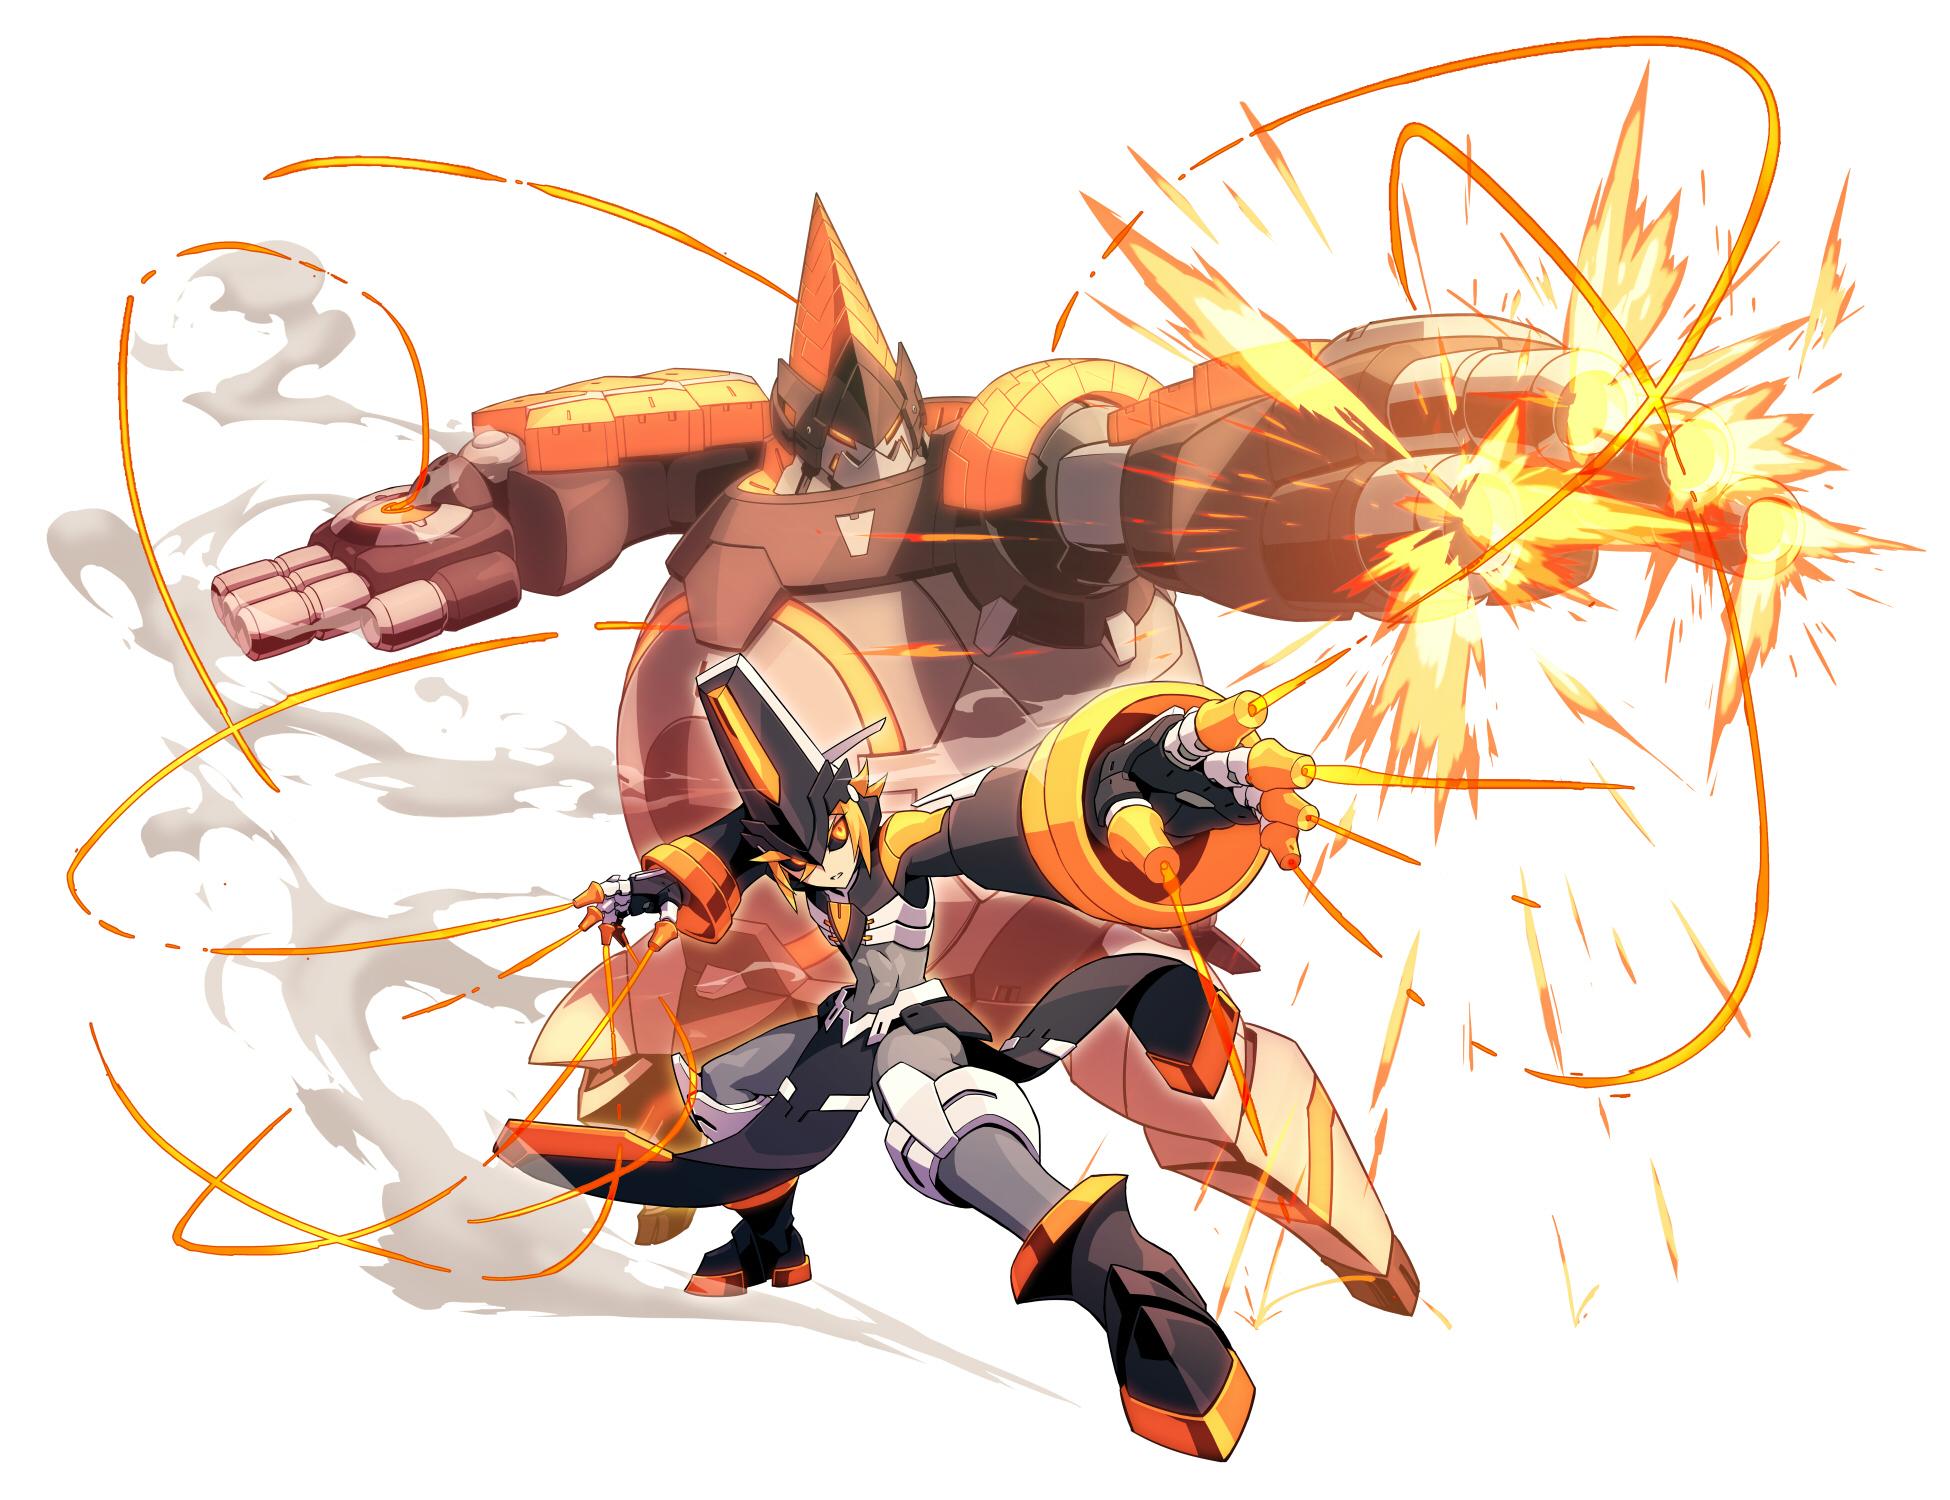 azure-striker-gunvolt-2-asroc-artwork-02